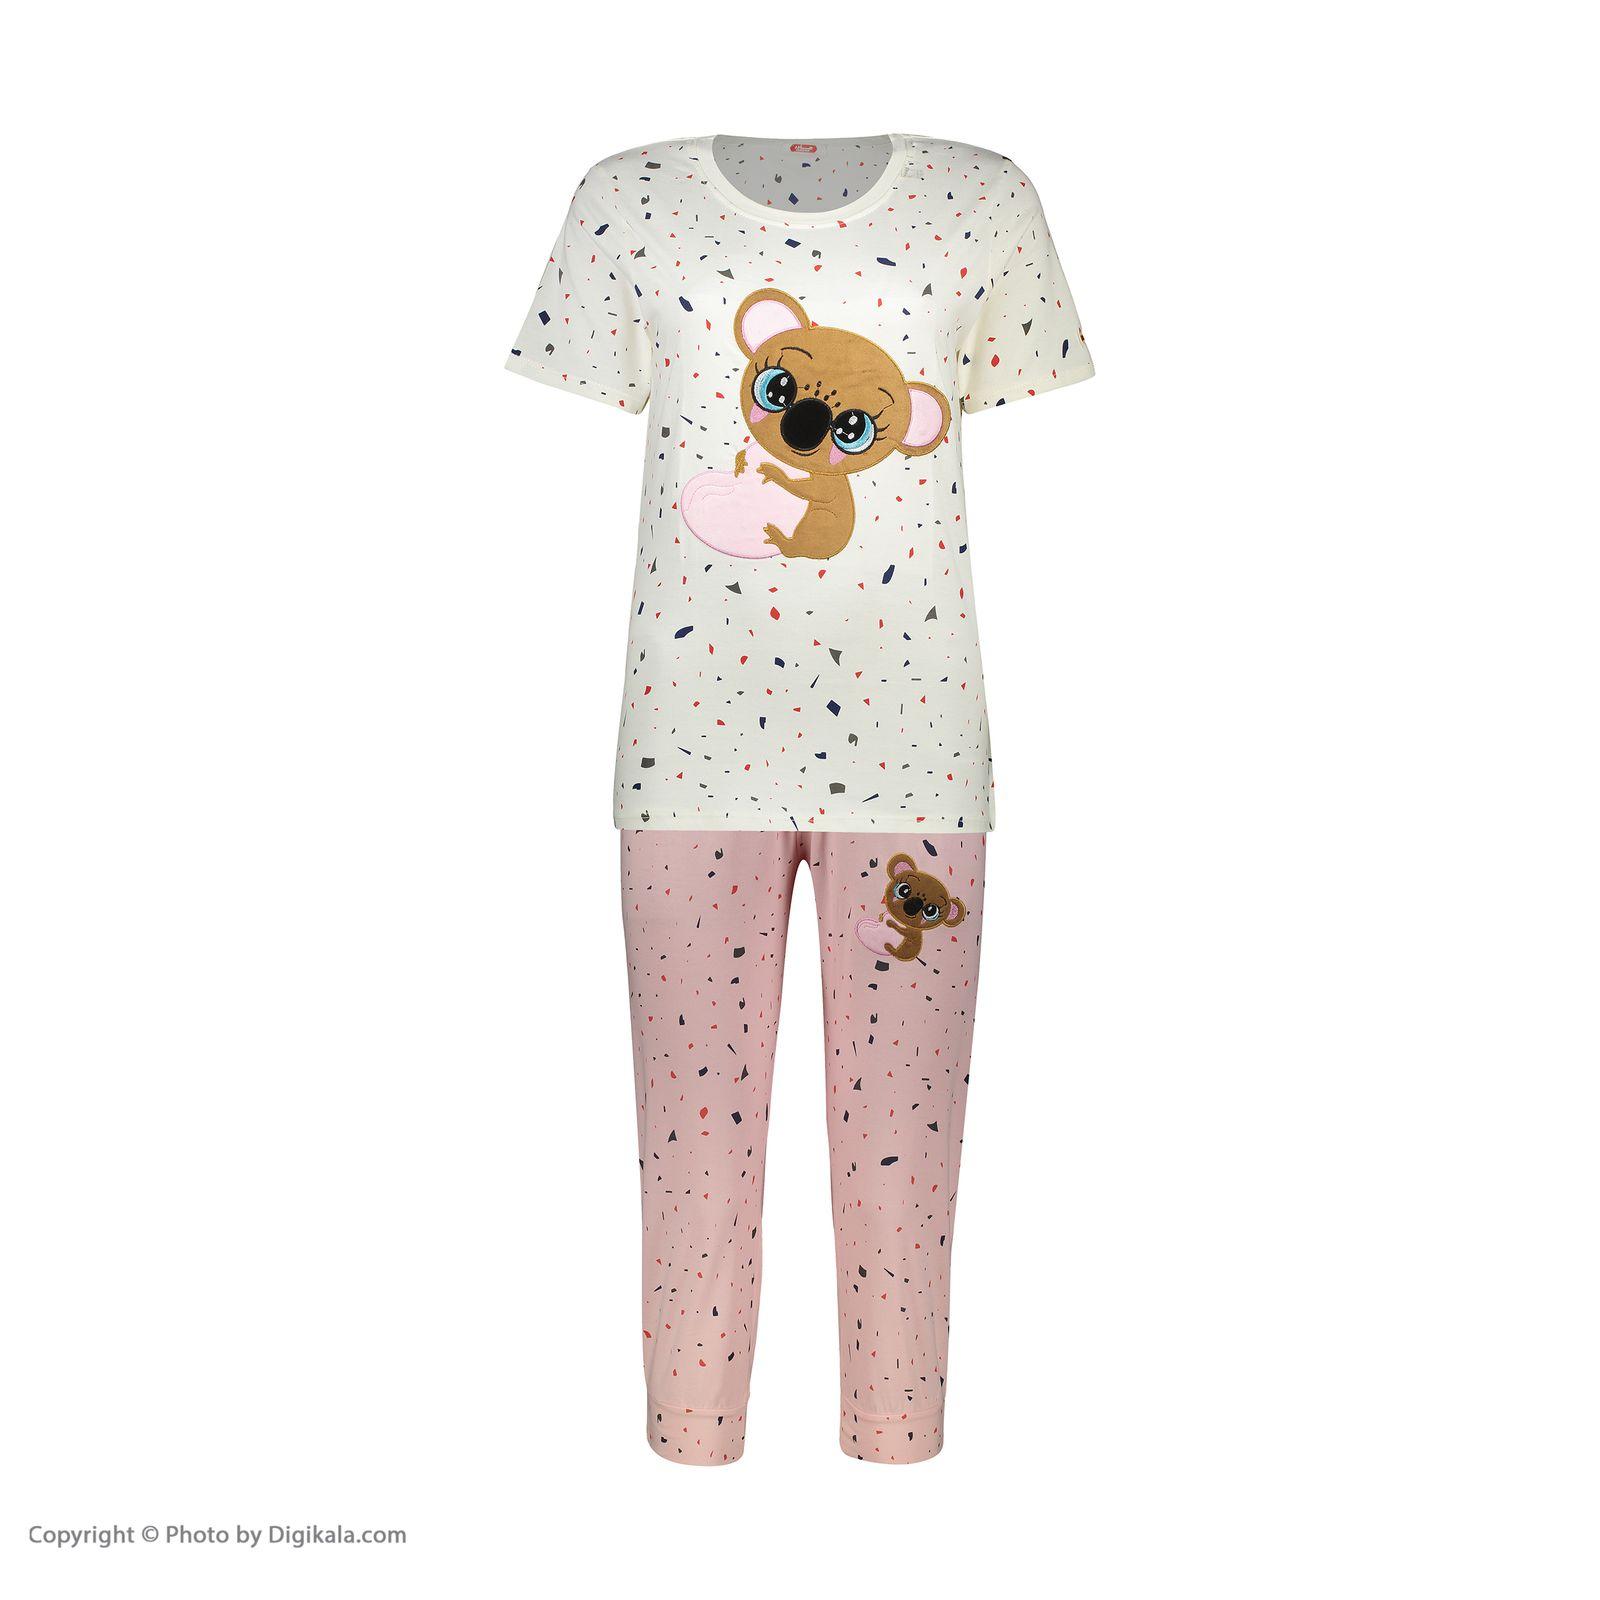 ست تی شرت و شلوارک راحتی زنانه مادر مدل 2041103-84 -  - 3